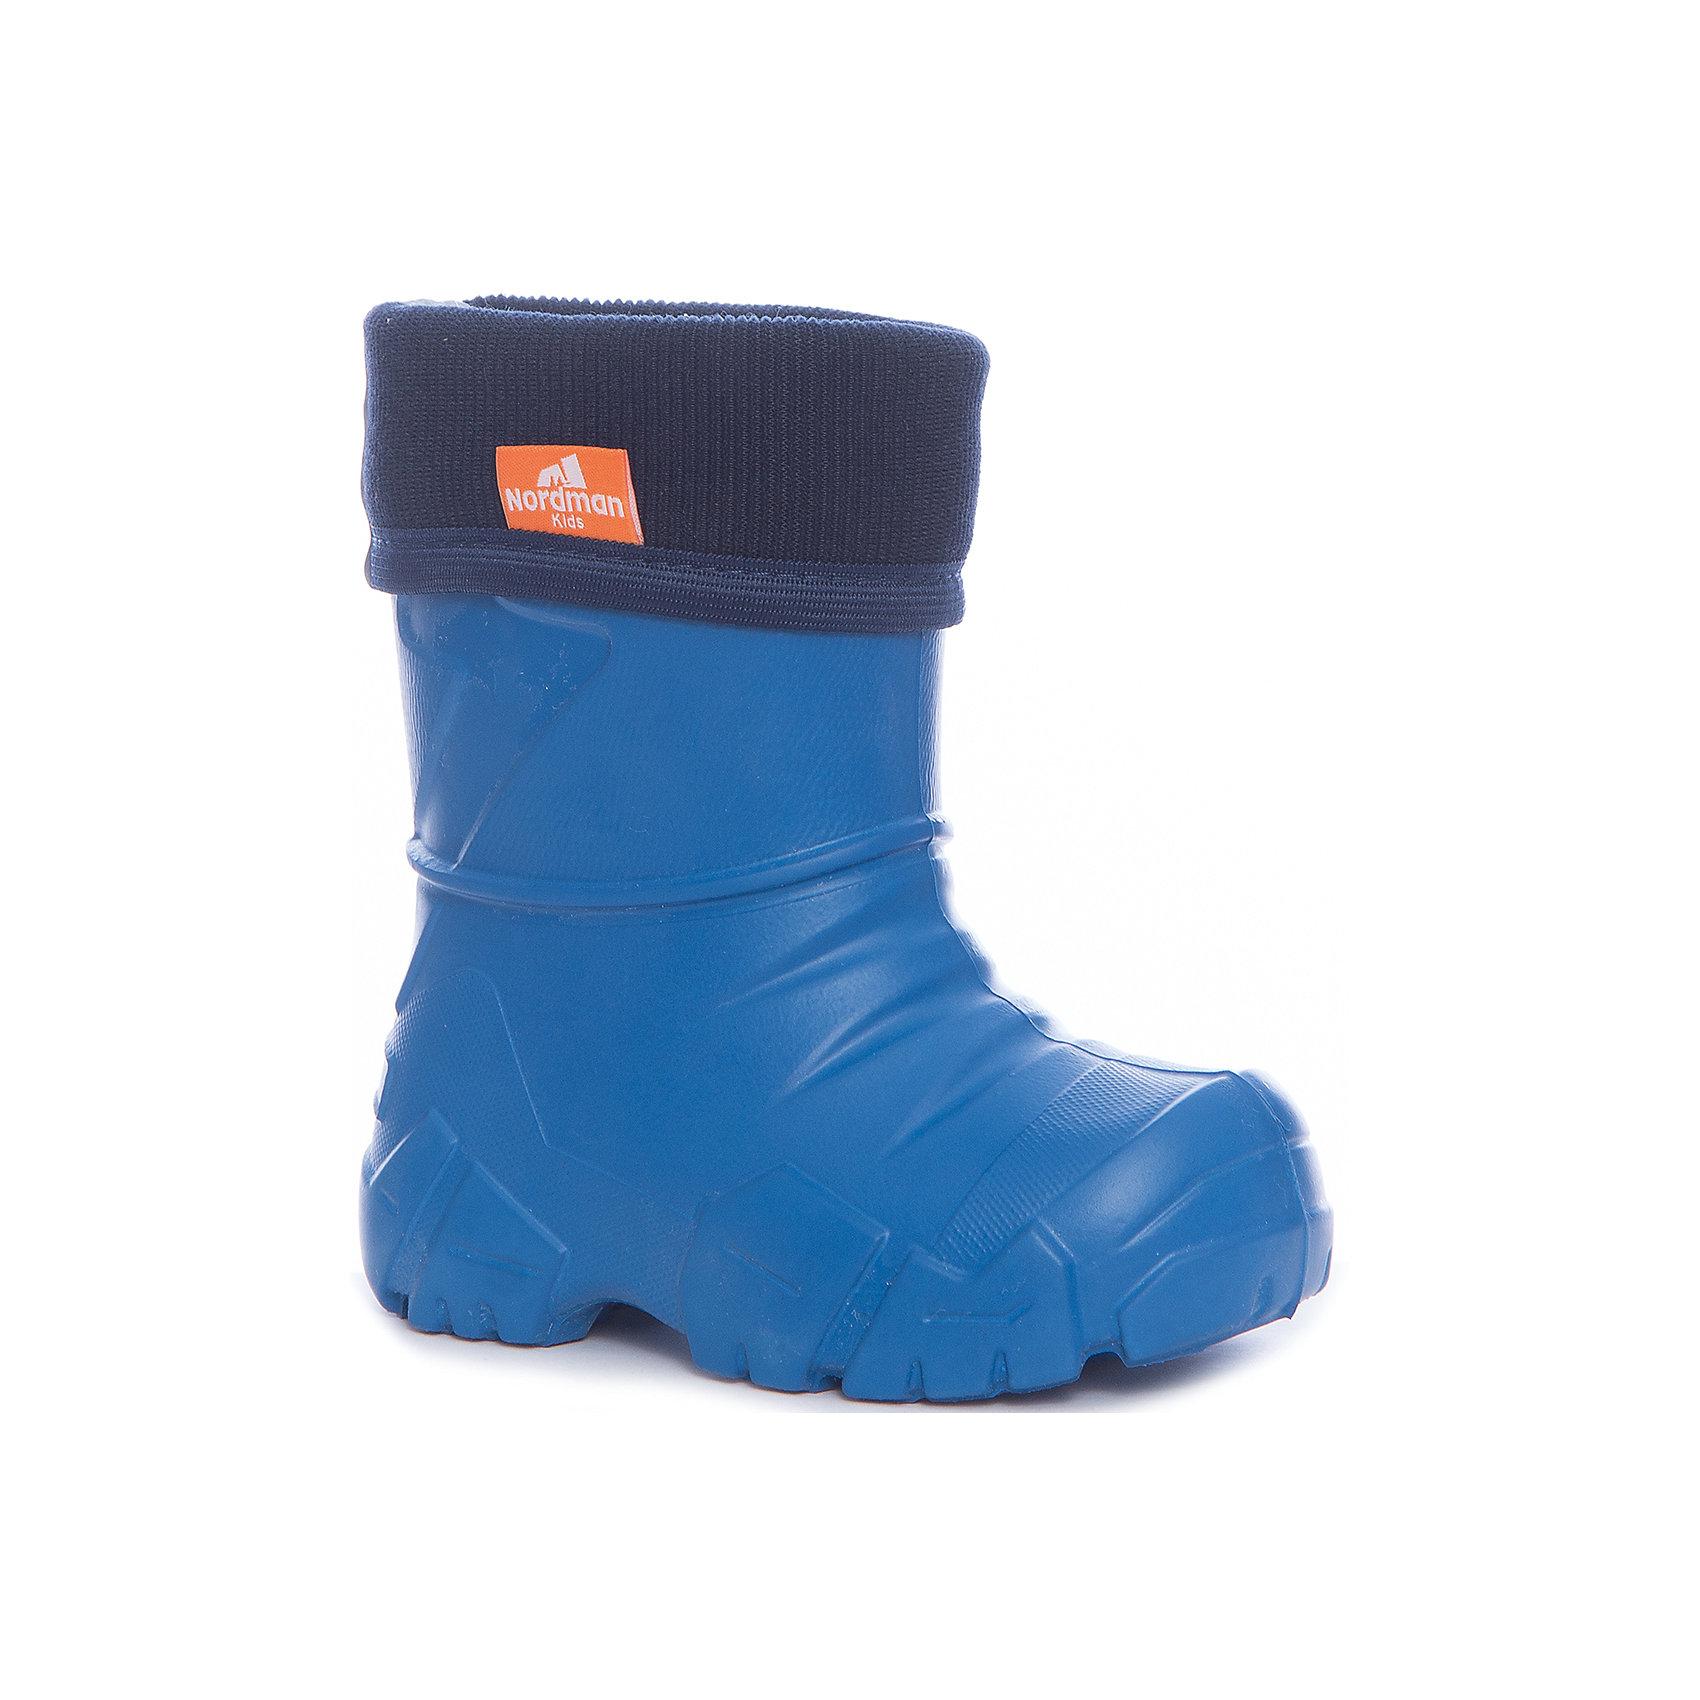 Резиновые сапоги для мальчика NordmanРезиновые сапоги<br>Характеристики товара:<br><br>• цвет: синий<br>• материал верха: ЭВА<br>• подклад: флис<br>• стелька: флис<br>• подошва: ЭВА<br>• сезон: зима, демисезон<br>• температурный режим: от 0 до -15<br>• сапожок не вынимается<br>• непромокаемые<br>• подошва не скользит<br>• страна бренда: Россия<br>• страна изготовитель: Россия<br><br>Резиновые сапоги для мальчика Nordman позволяют сохранить ноги в тепле и одновременно не дают им промокнуть. Такая обувь отлично подходит для теплой зимы или слякоти в межсезонье. <br><br>Высокое голенище предотвращает попадание влаги или грязи в сапог. Флисовая мягкая подкладка обеспечивает ногам комфортные условия.<br><br>Резиновые сапоги для мальчика Nordman (Нордман) можно купить в нашем интернет-магазине.<br><br>Ширина мм: 237<br>Глубина мм: 180<br>Высота мм: 152<br>Вес г: 438<br>Цвет: синий<br>Возраст от месяцев: 132<br>Возраст до месяцев: 144<br>Пол: Мужской<br>Возраст: Детский<br>Размер: 34/35,22/23,24/25,26/27,28/29,30/31,32/33<br>SKU: 6867205